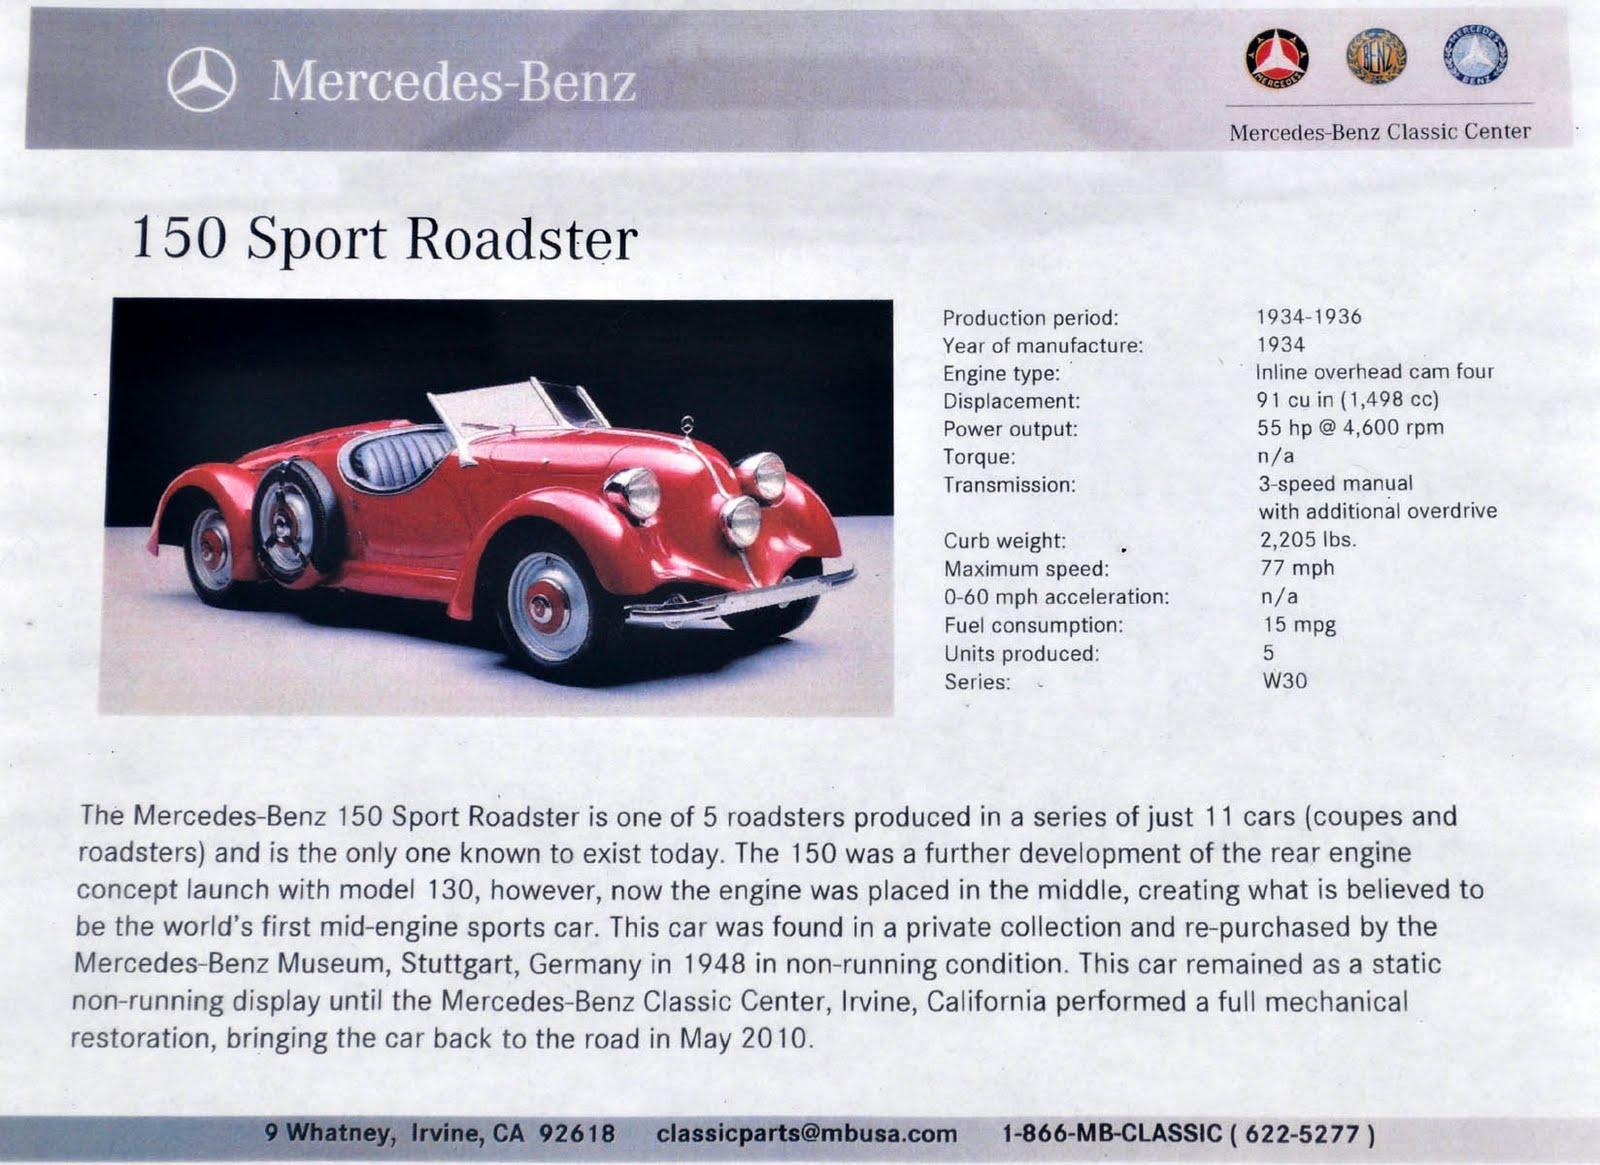 Extreme Car Jurex S Desing S 1934 150 Sport Roadster